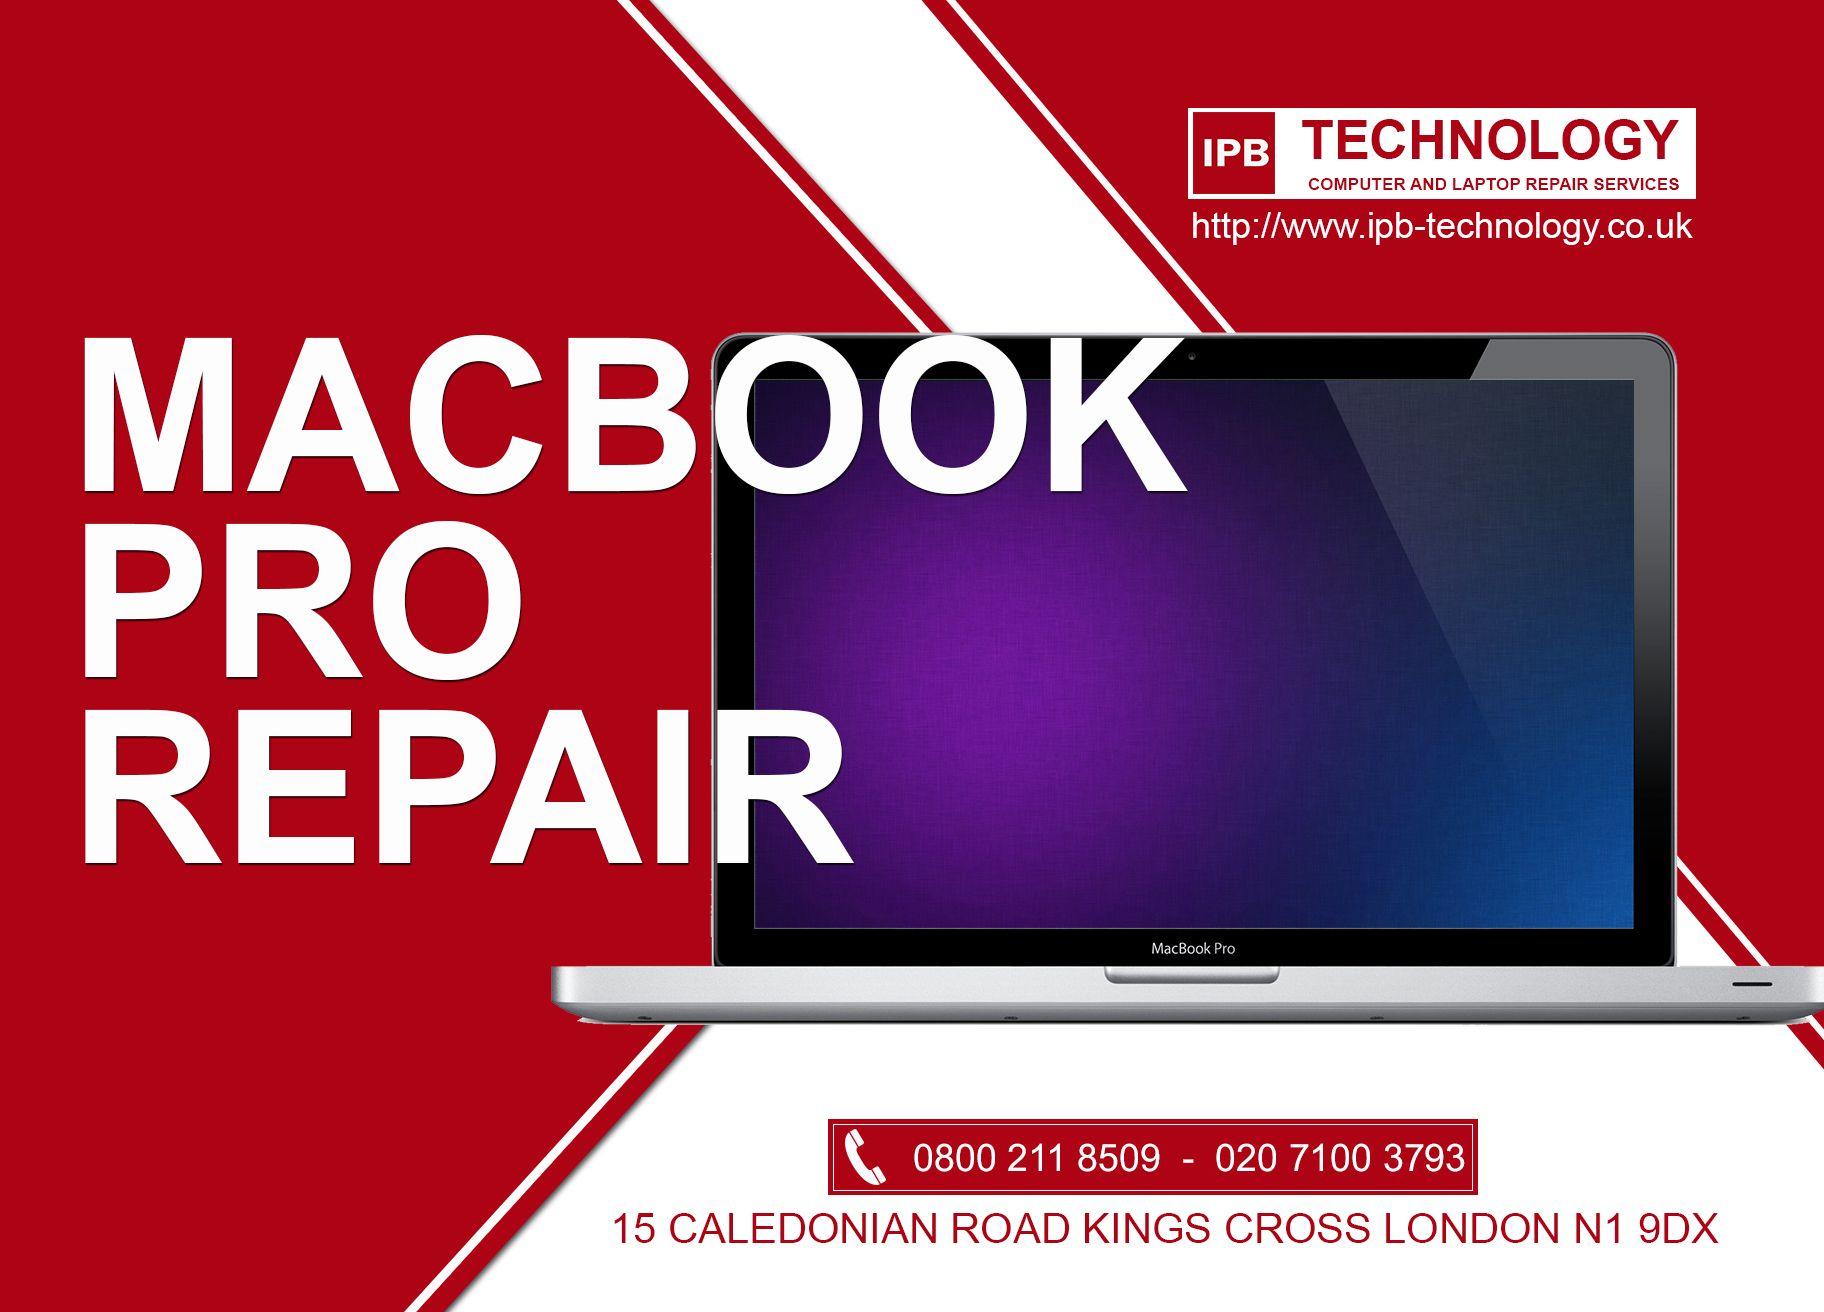 Pin on MacBook repairs